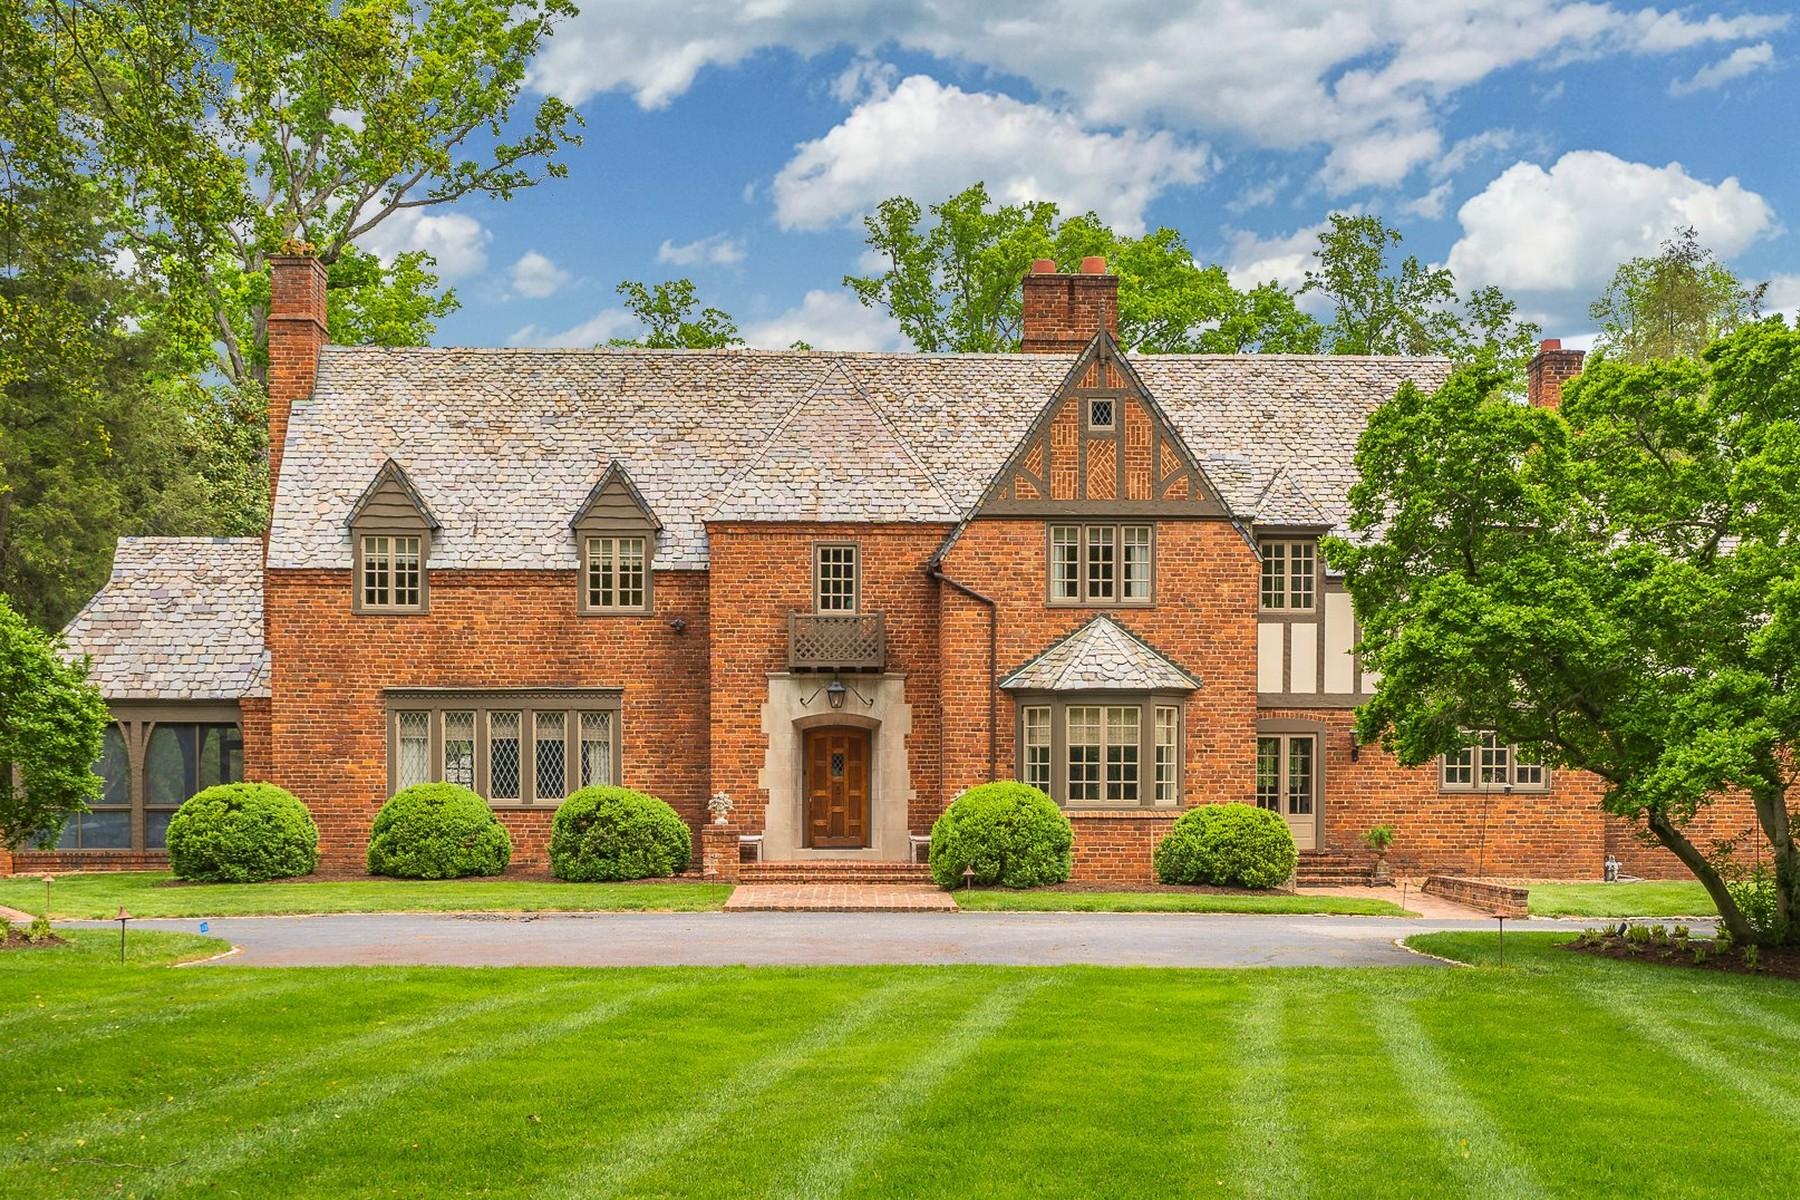 Частный односемейный дом для того Продажа на 7751 Riverside Drive Richmond, Виргиния 23225 Соединенные Штаты